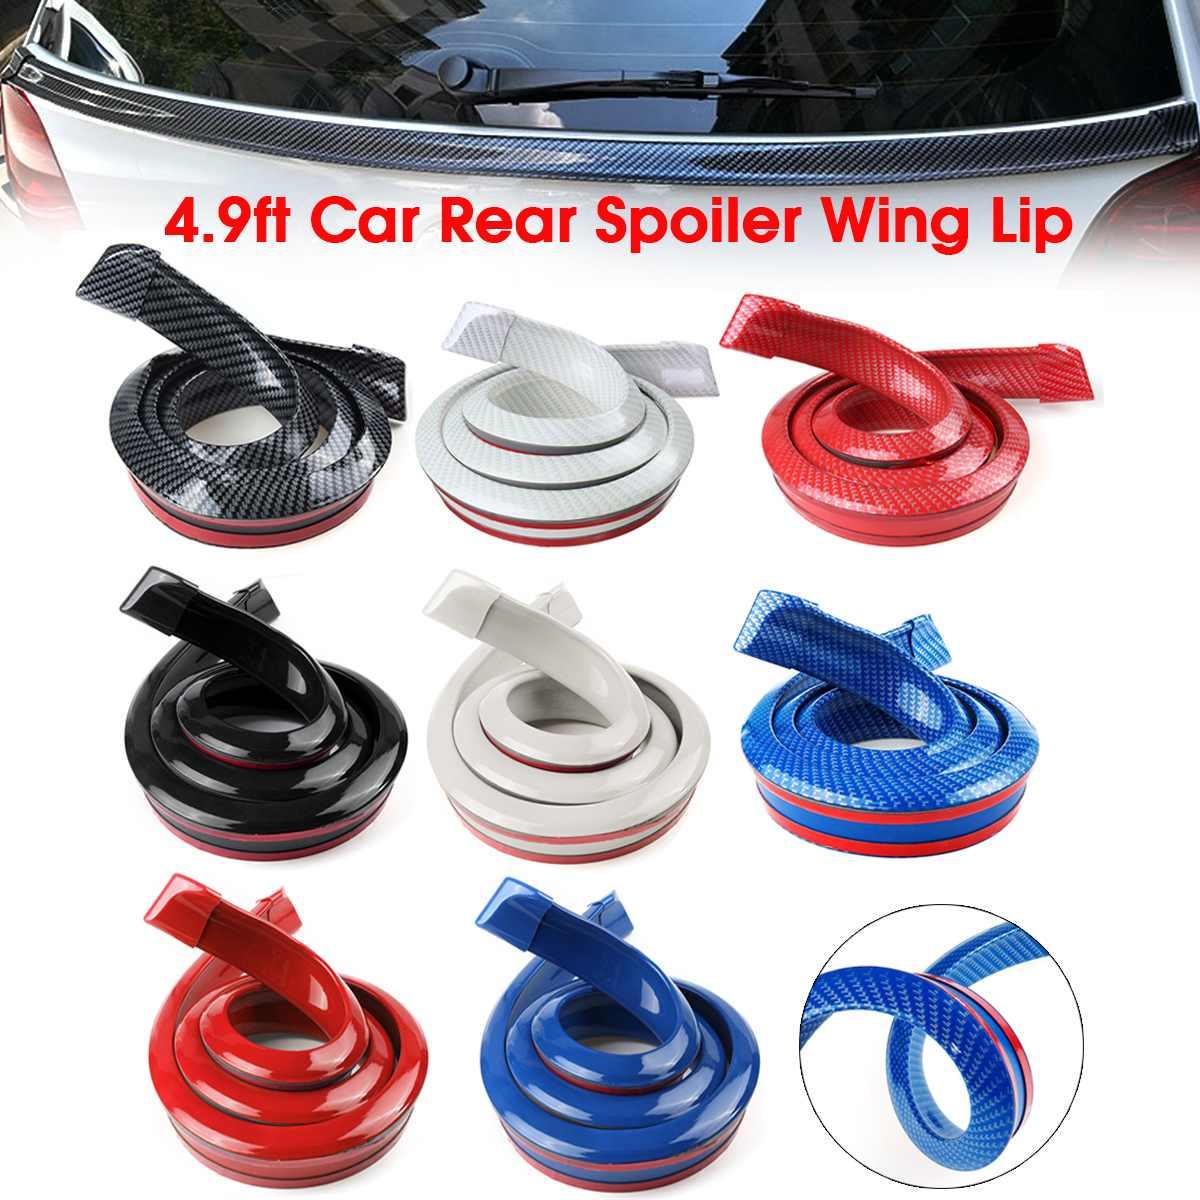 Alerón trasero de goma de fibra de carbono Universal de 4,9 pies para parachoques trasero y maletero alerones para decoración de automóviles 1,5 m x 3,8 cm x 3cm